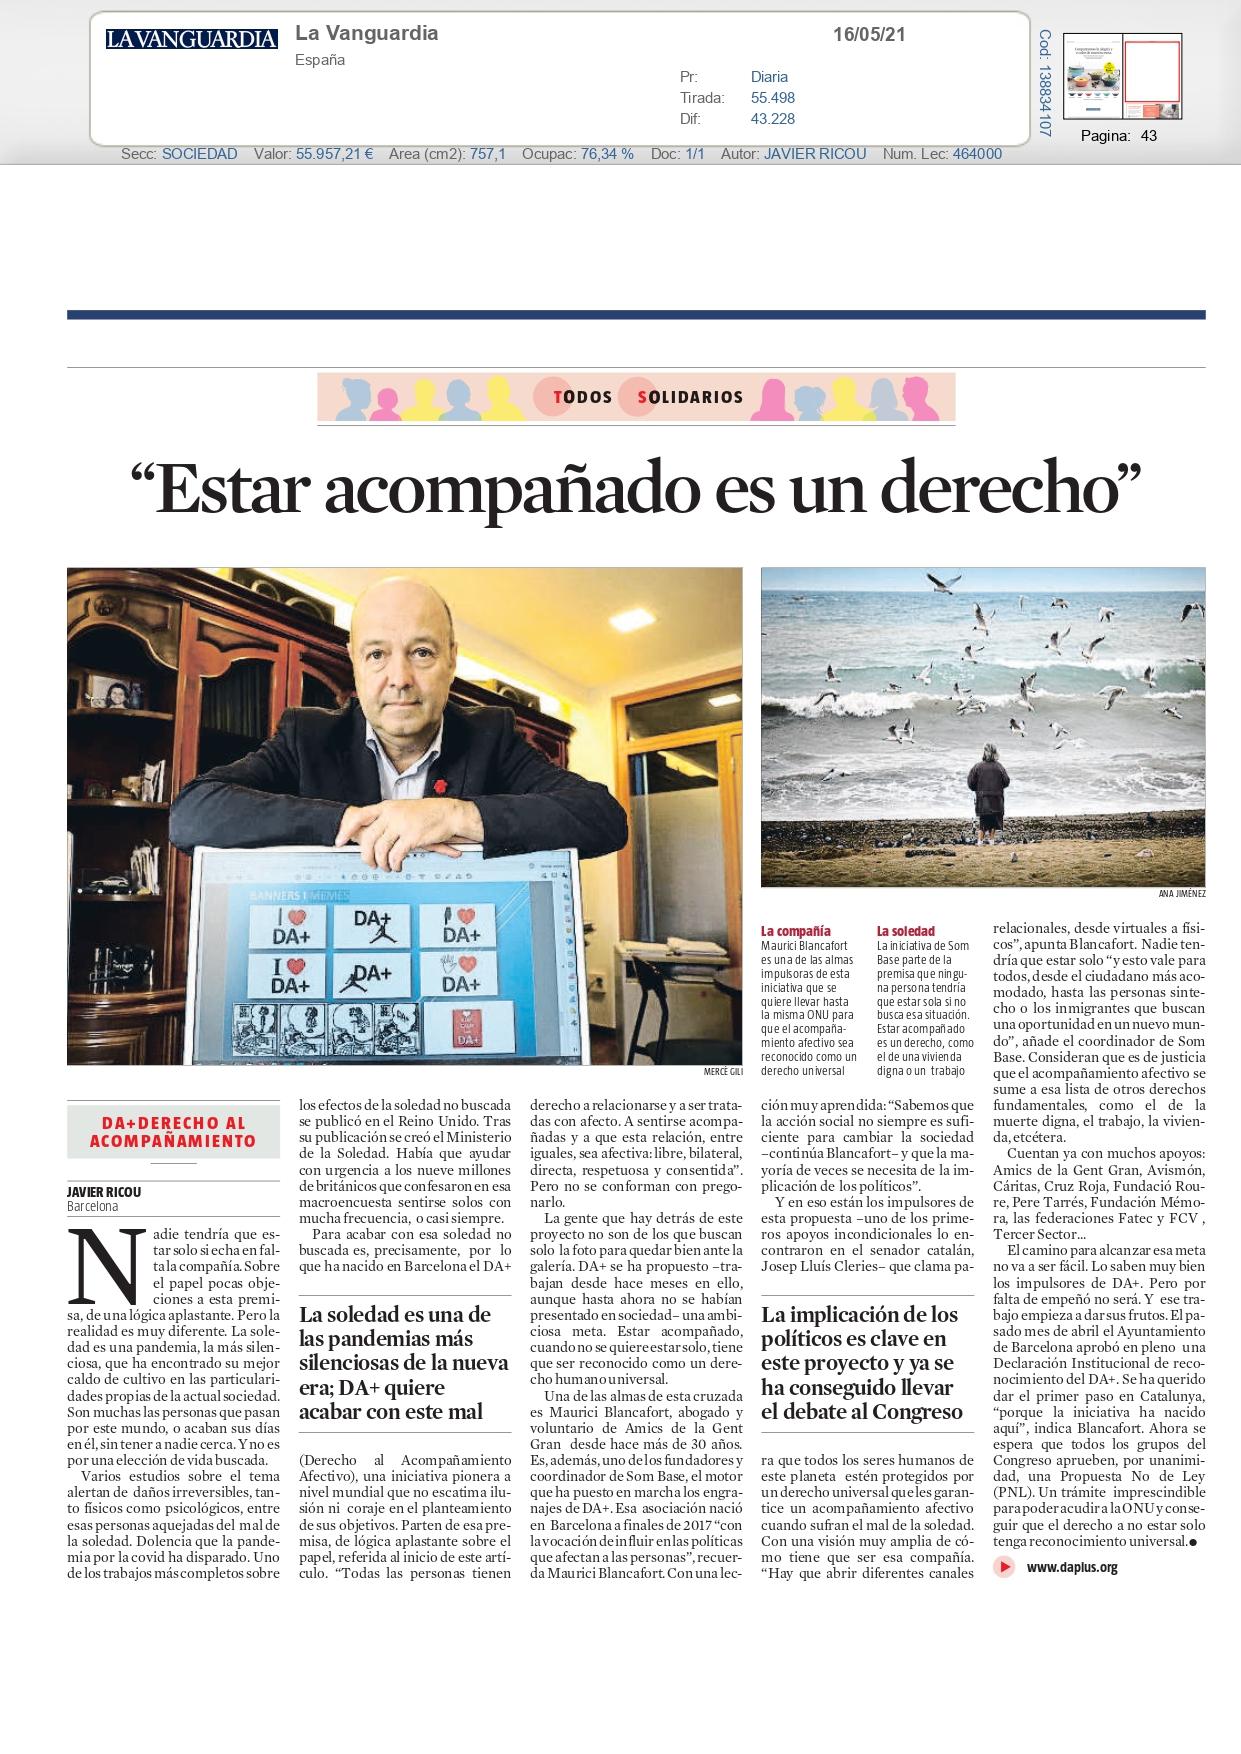 Som Base – La Vanguardia, Mayo 2021 gabinete de prensa